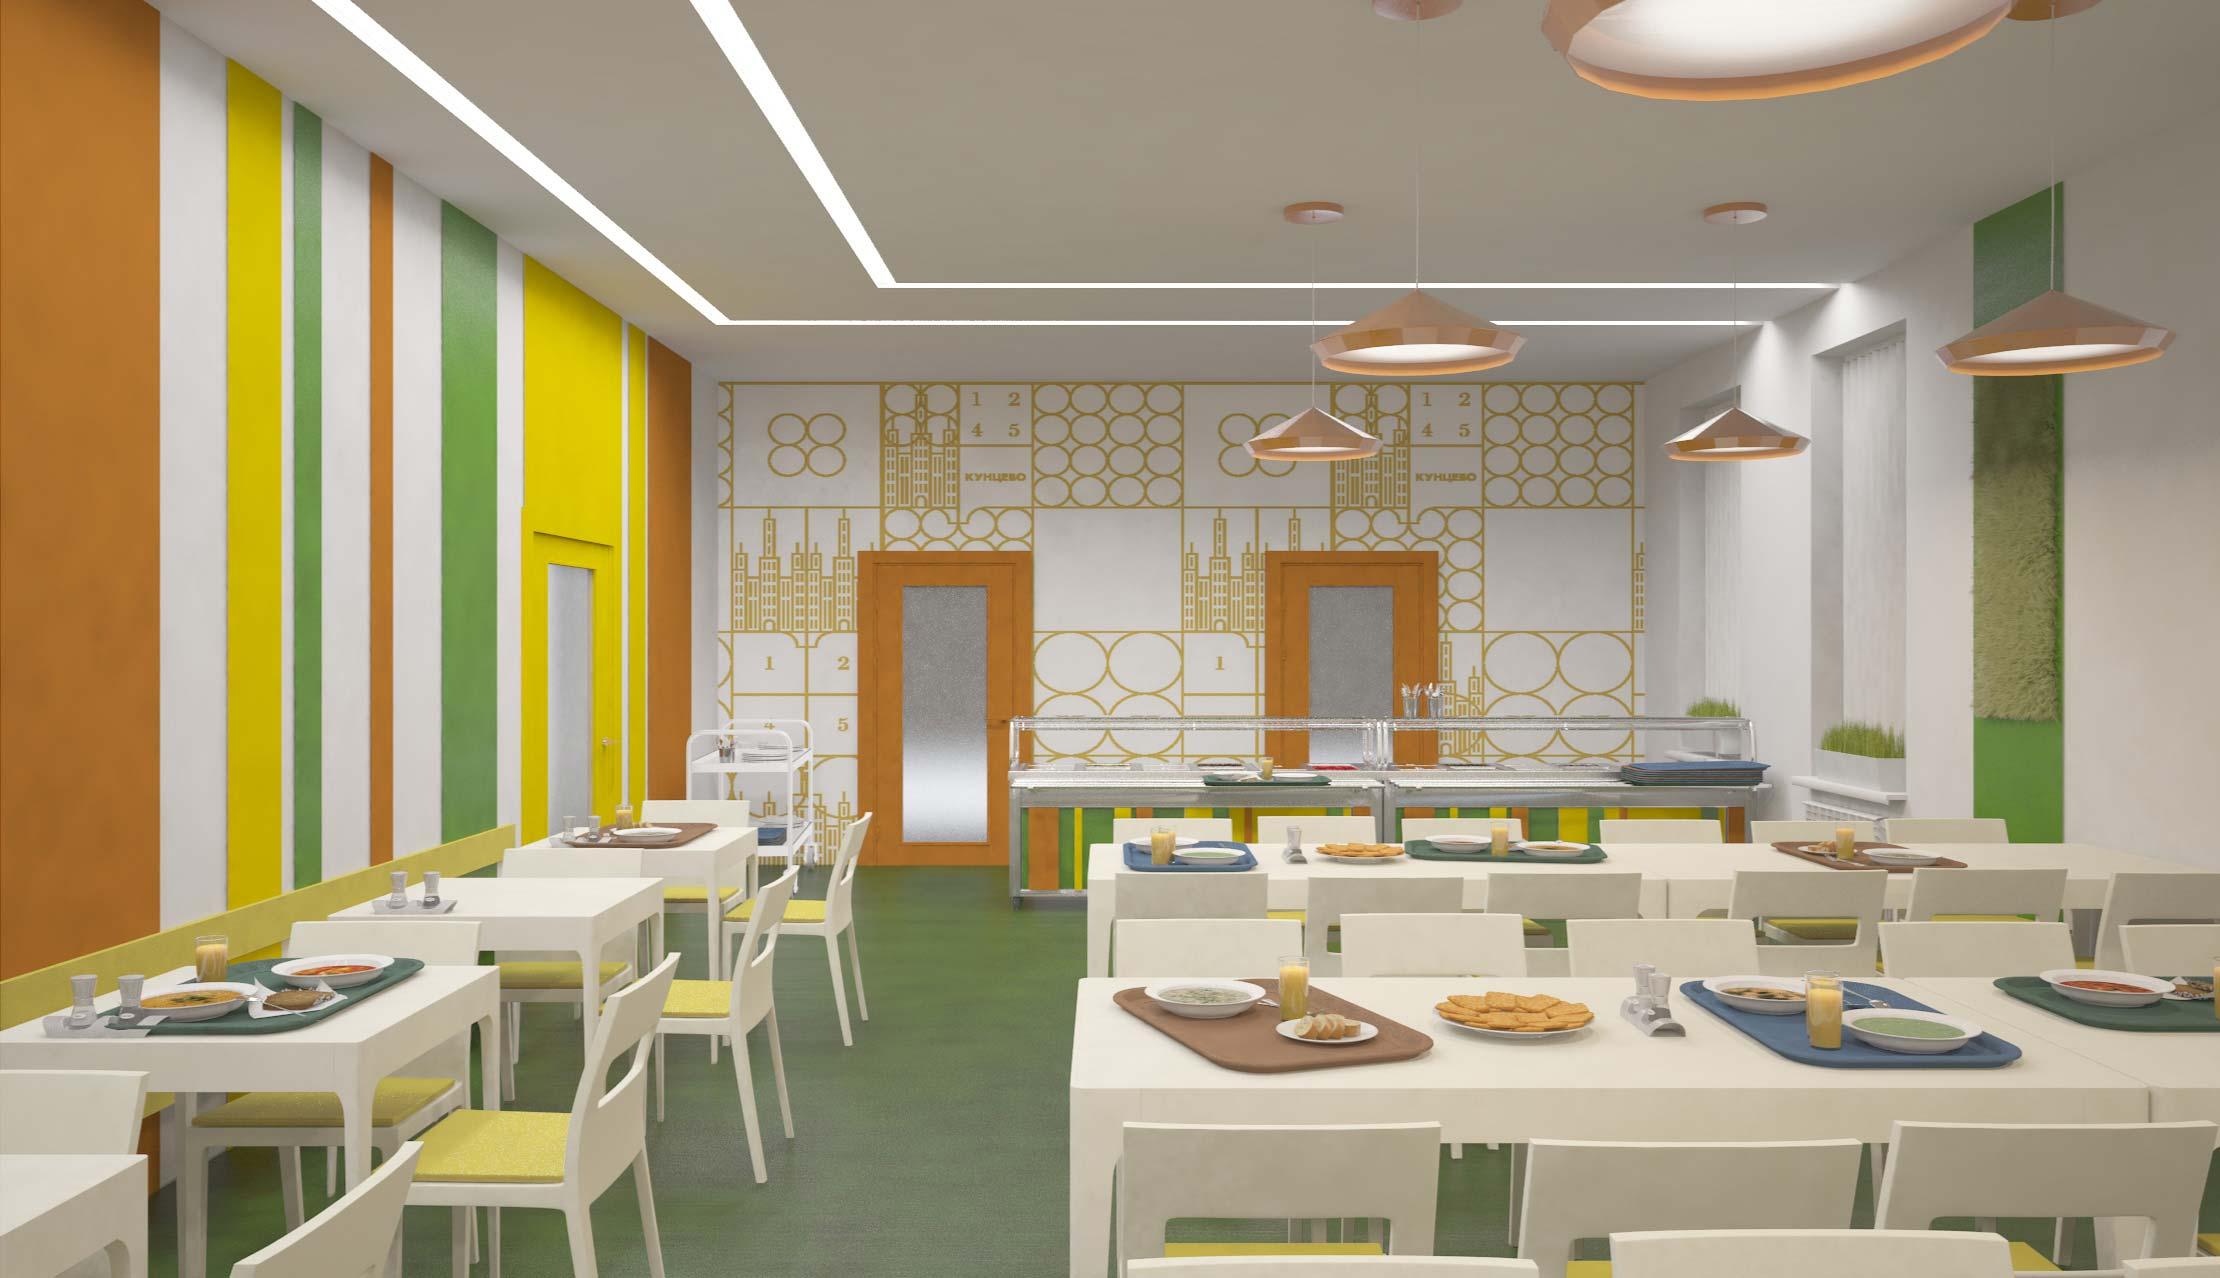 Дизайн школьных столовых